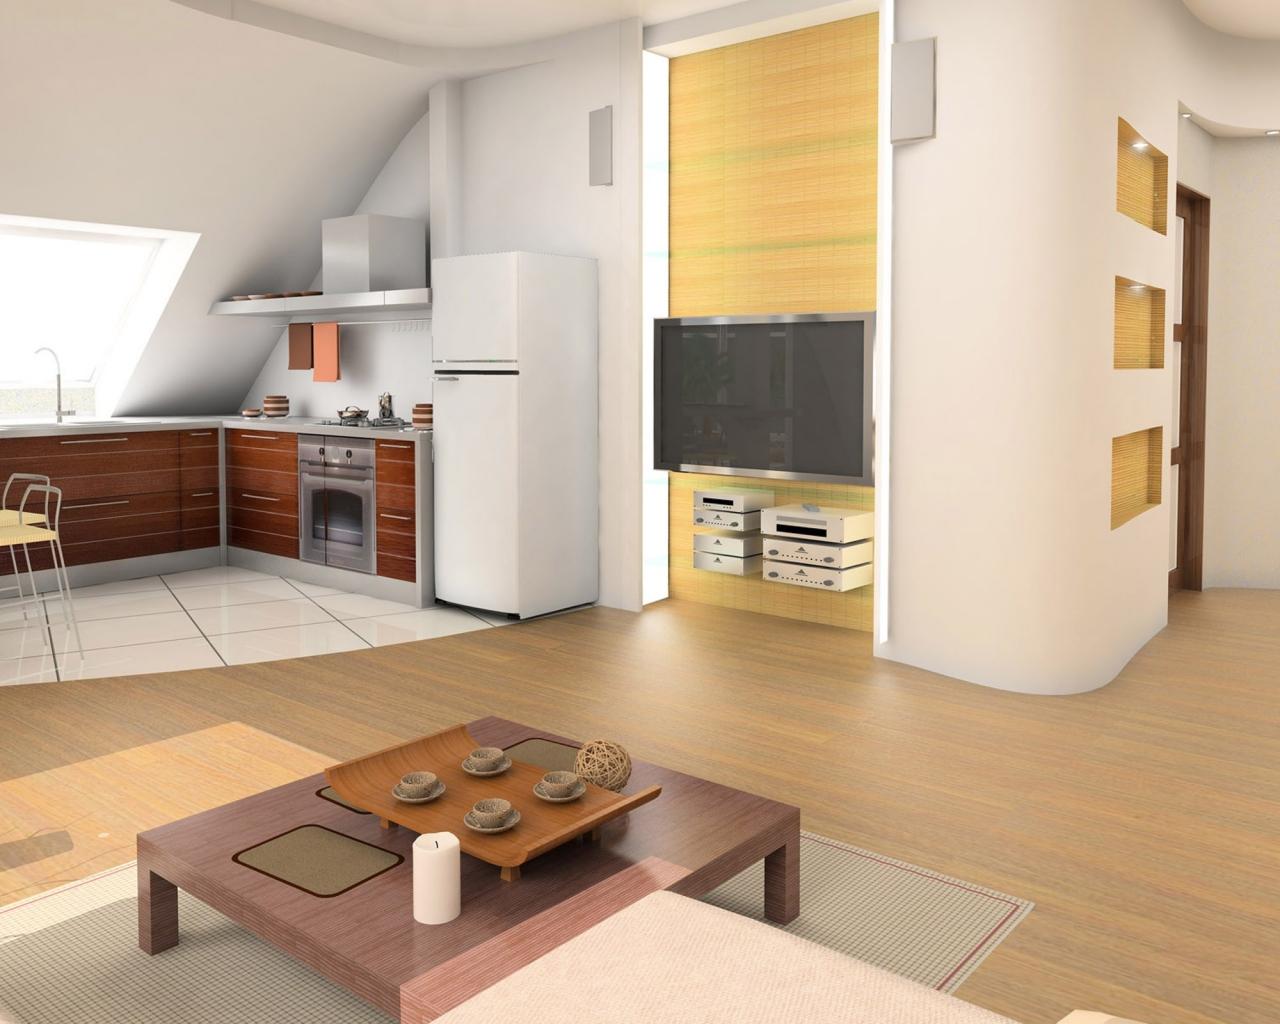 Dise o de una cocina hd 1280x1024 imagenes wallpapers - Diseno de una cocina ...